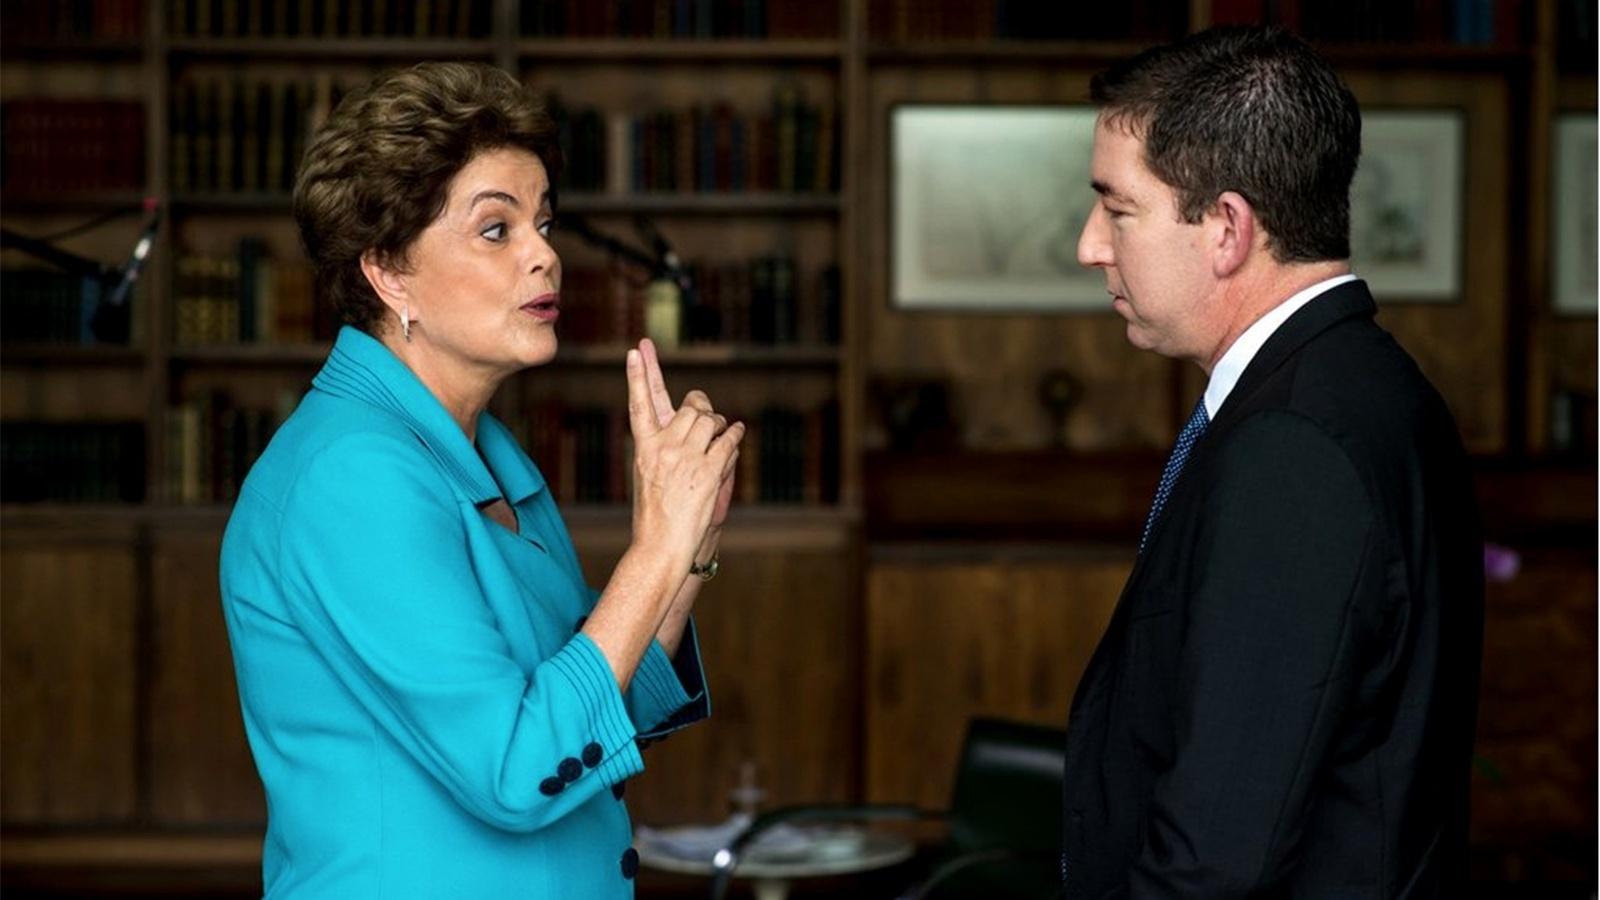 17.mai.2016 - A presidente afastada Dilma Rousseff concede entrevista ao jornalista Glenn Greenwald, do site The Intercept. Gleen ficou conhecido pela série de reportagens sobre o enorme esquema de espionagem da NSA (Agência Nacional de Segurança dos EUA) que envolvia outros países